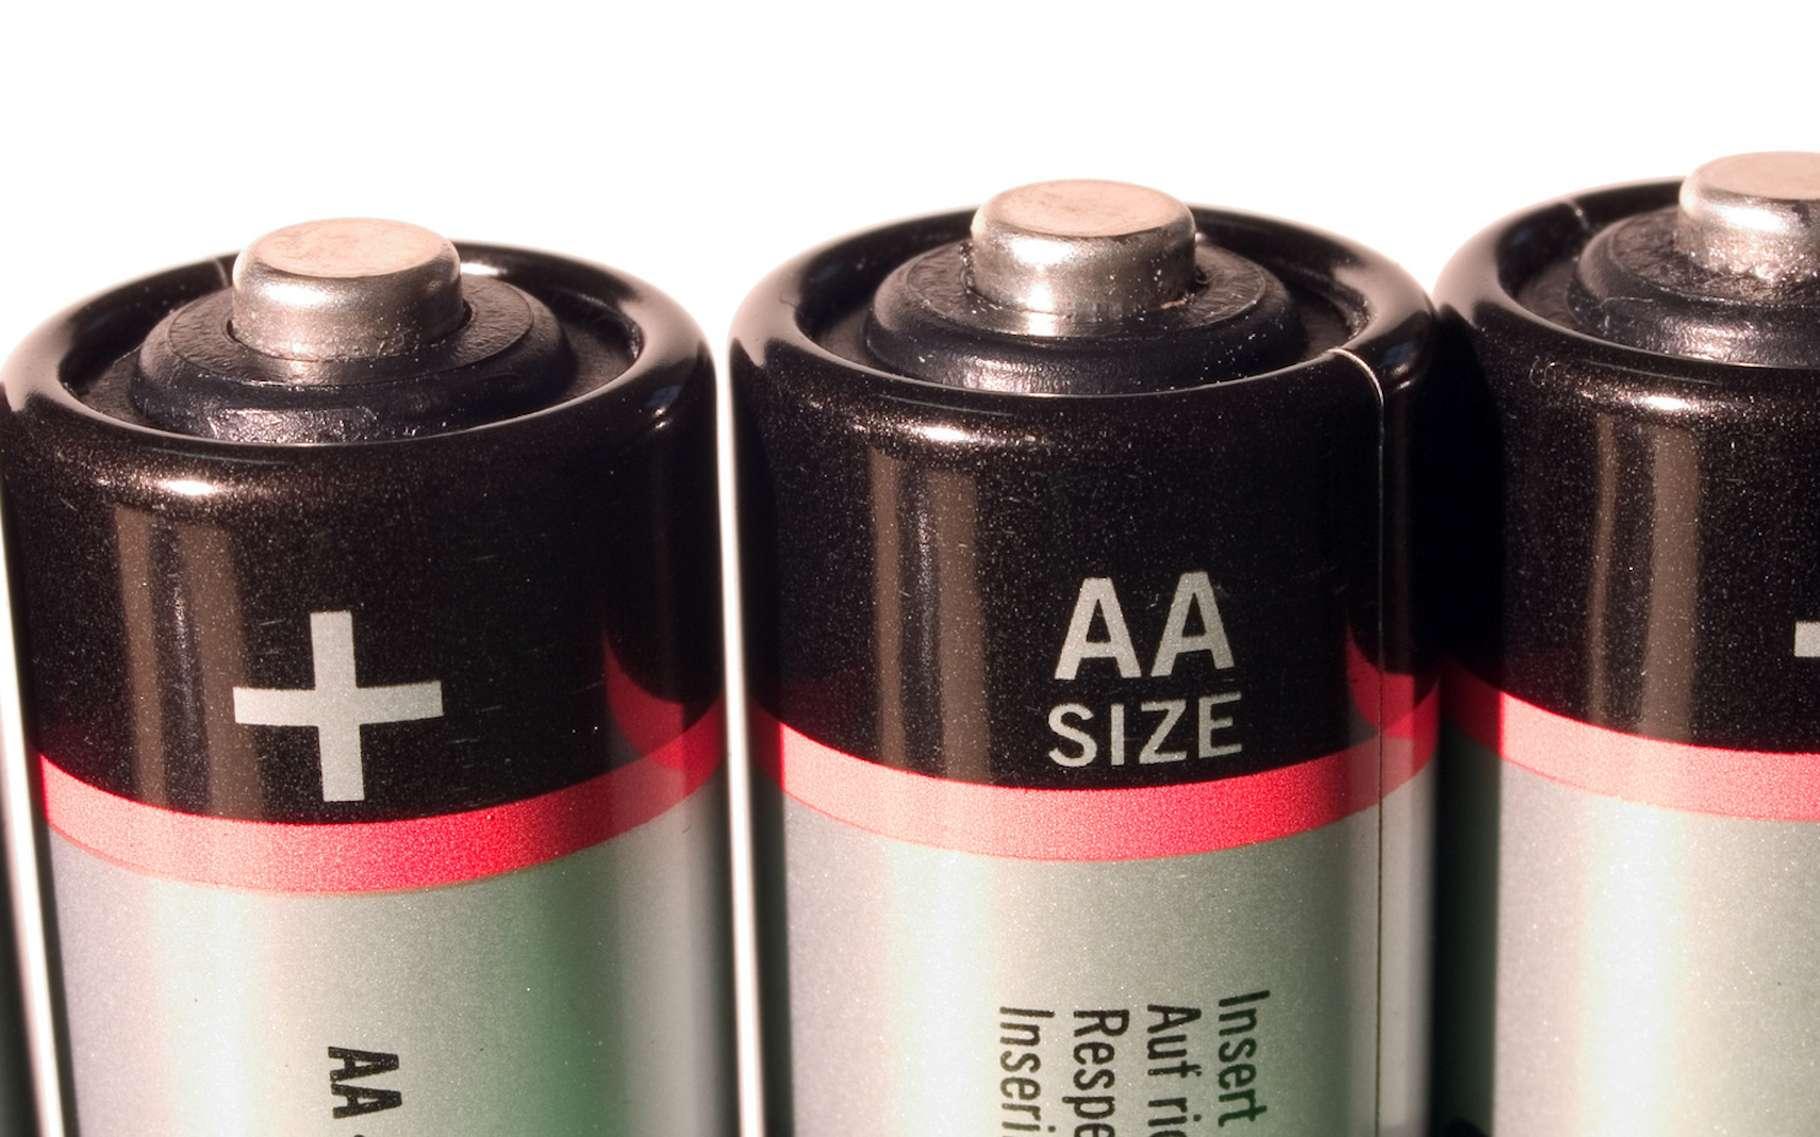 Le terme cathode peut être employé pour désigner la borne positive d'une pile. © Dmytro Bernd Kröger, Fotolia